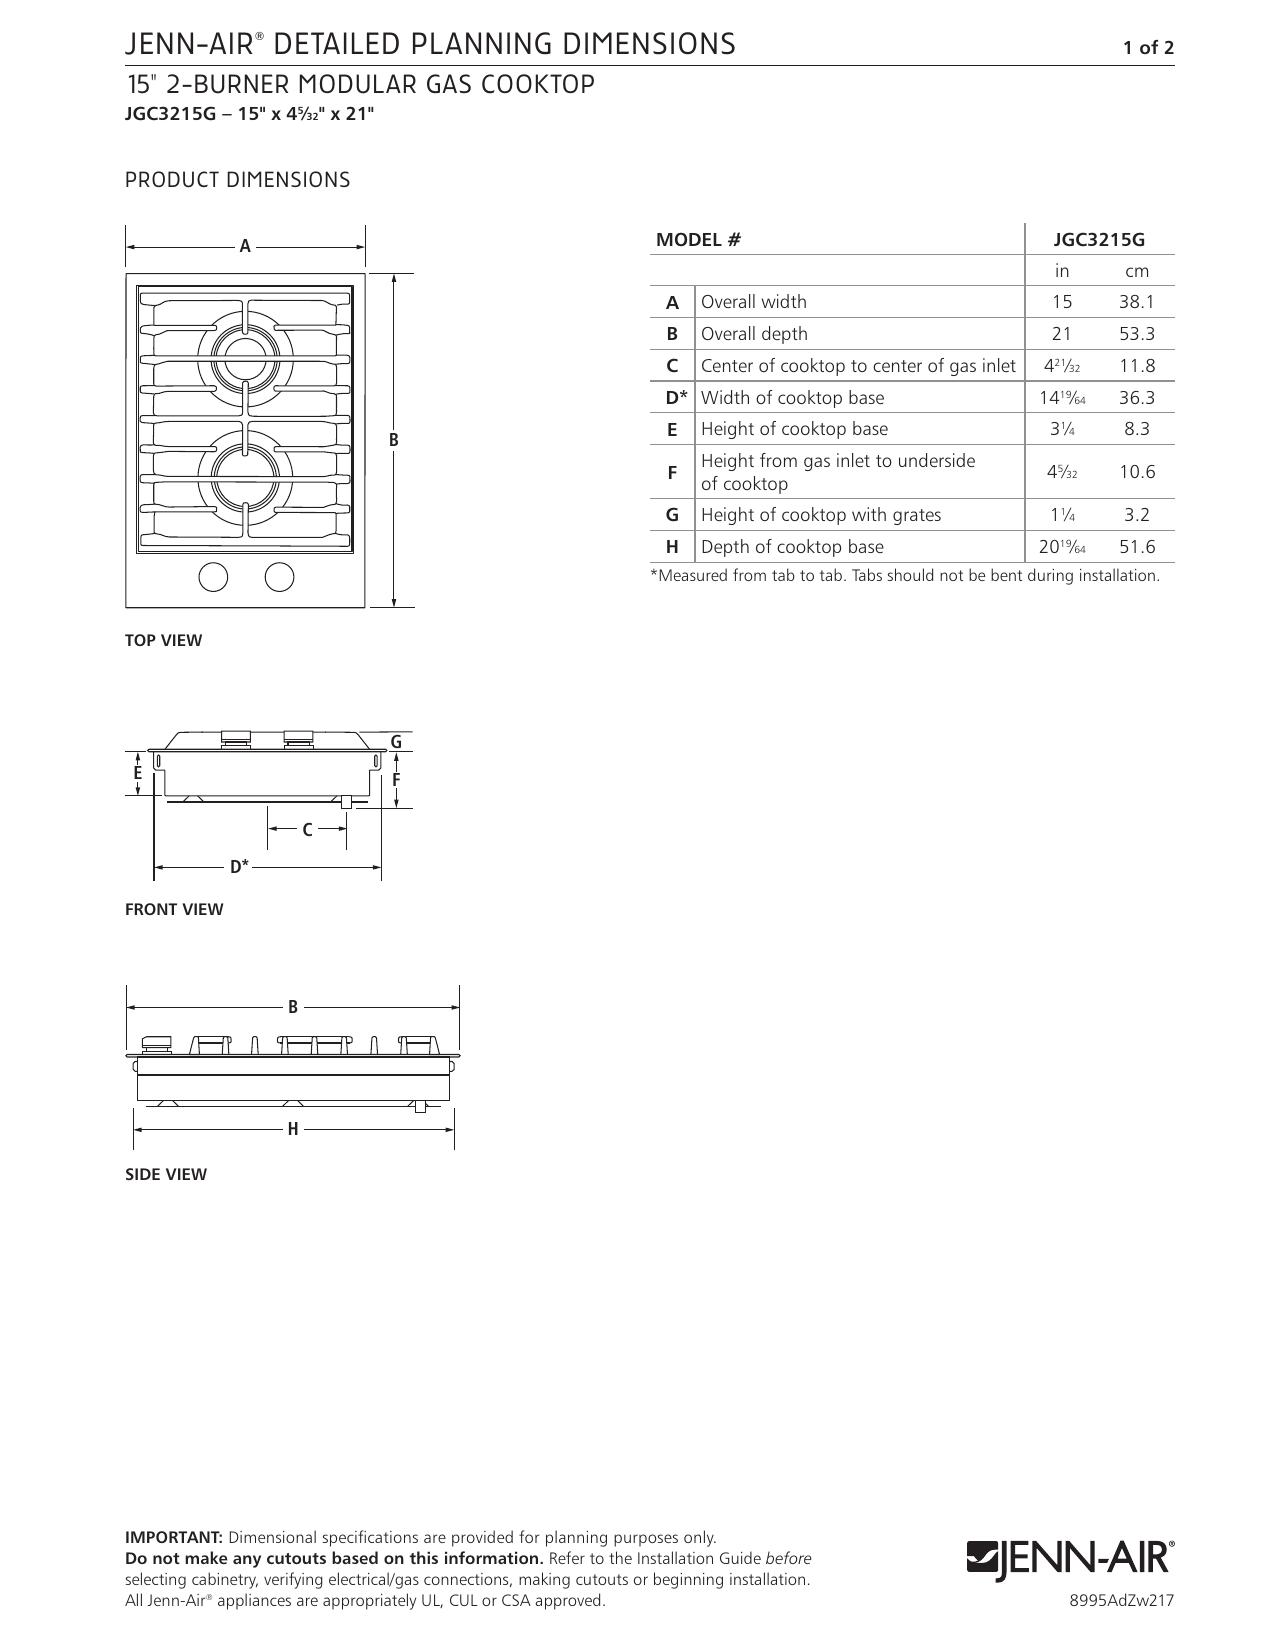 Jenn-Air JGC3215GS Diion Guide   manualzz.com on jenn air cooktop manuals, bosch cooktop wiring diagram, jenn air cooktop parts, jenn air cooktop control panel, electric cooktop wiring diagram, admiral cooktop wiring diagram, install cooktop diagram, frigidaire cooktop wiring diagram, ge cooktop wiring diagram, jenn air cooktop cover, jenn air cooktop installation,